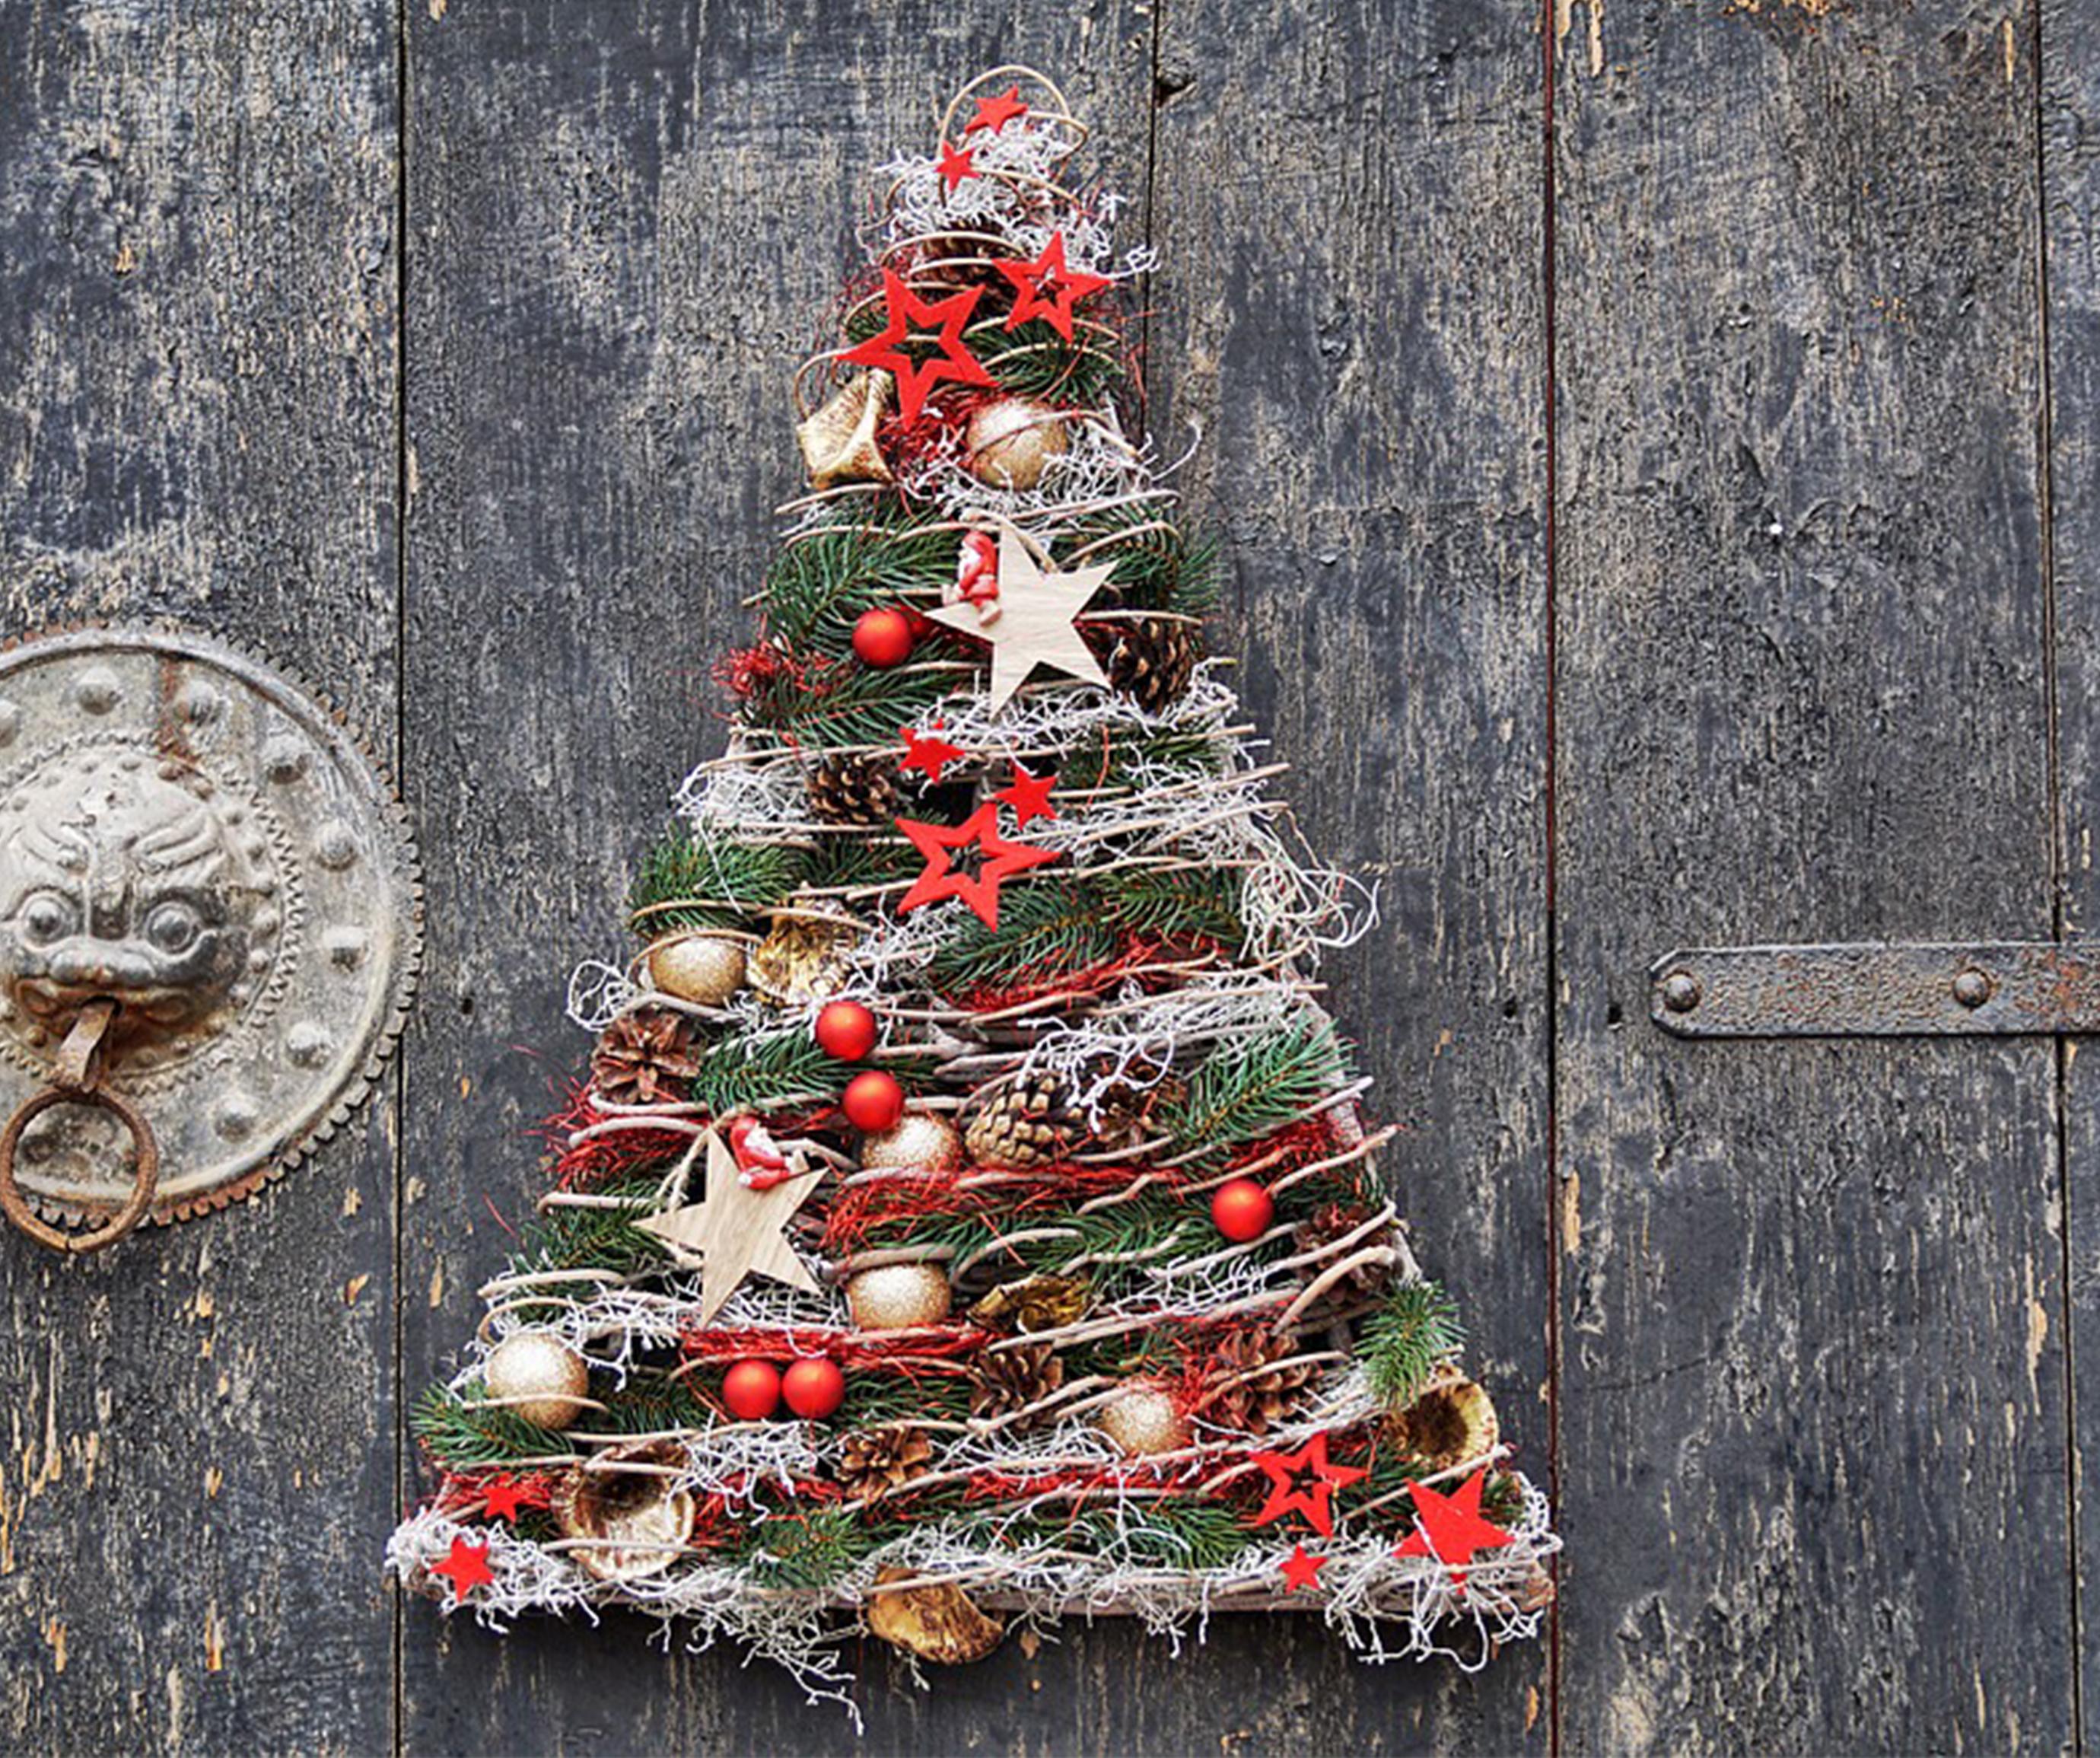 Veľkokrtíšsky vianočný stromček